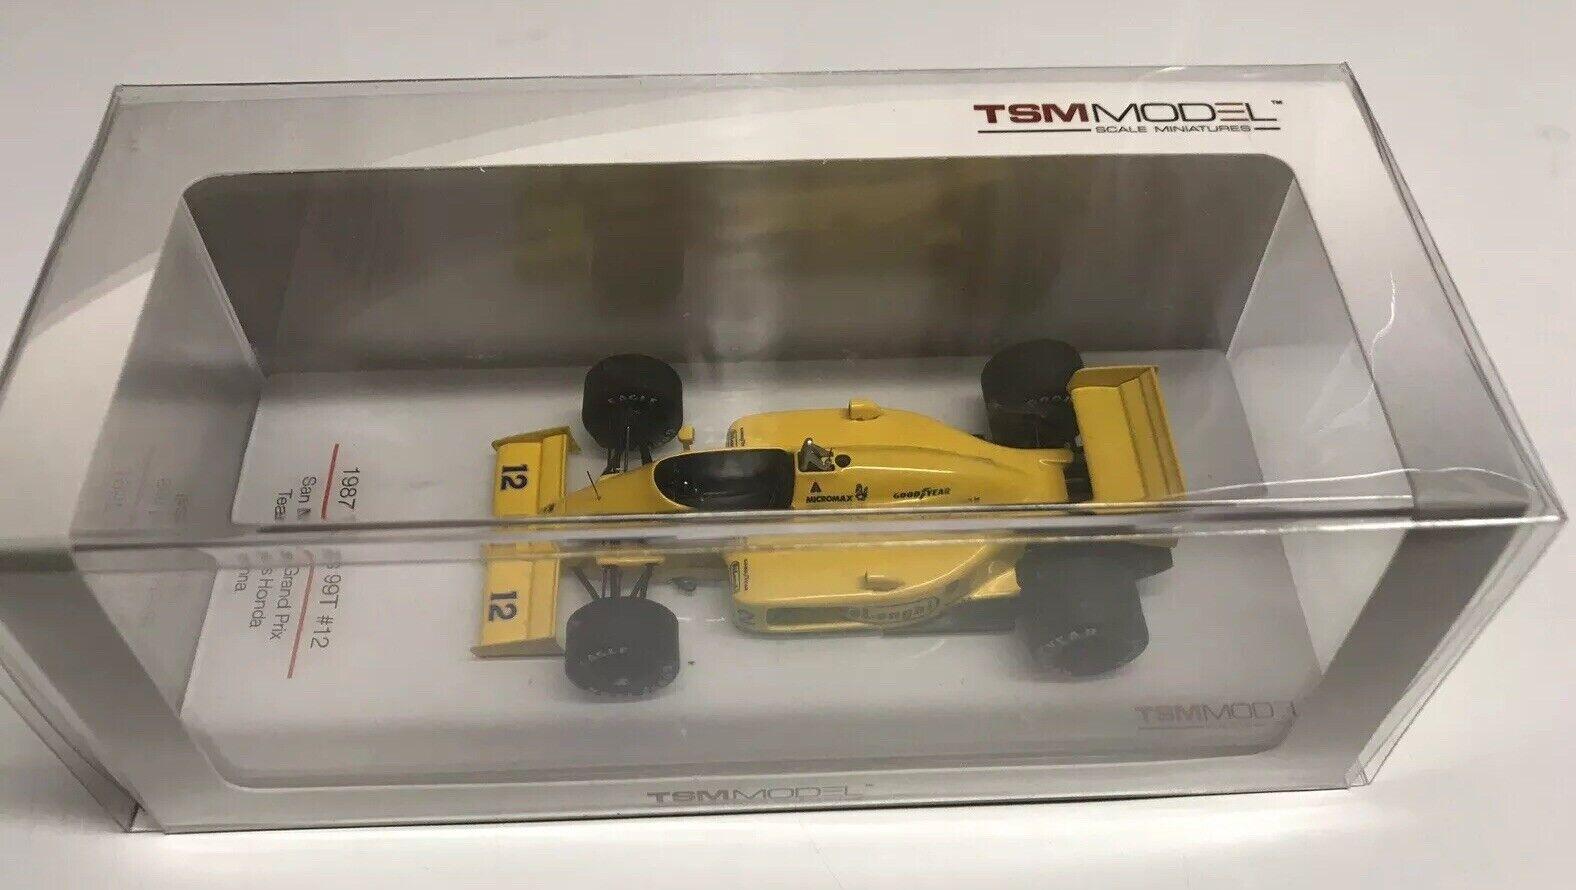 autentico en linea True True True Scale TSM Ayrton Senna 1987  12 Lotus Honda 99T San Marino Grand Prix 1 43 Nuevo en Caja   para proporcionarle una compra en línea agradable